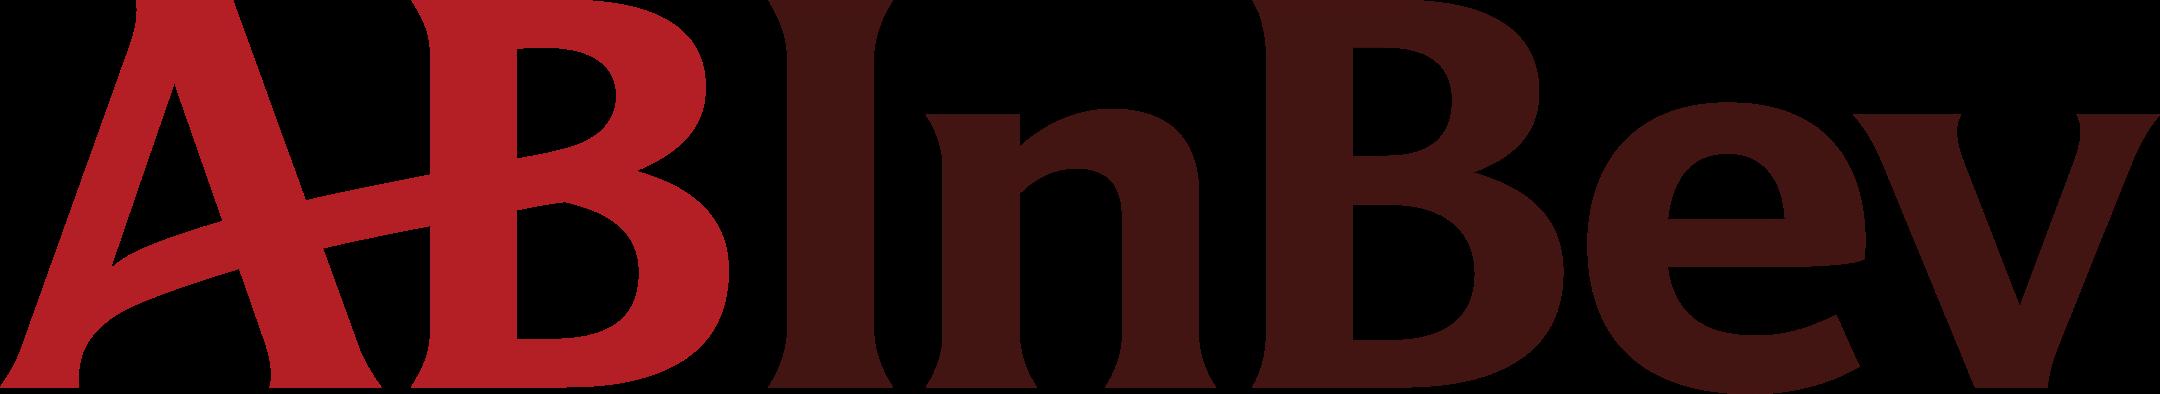 ab inbev logo 1 - AB InBev Logo